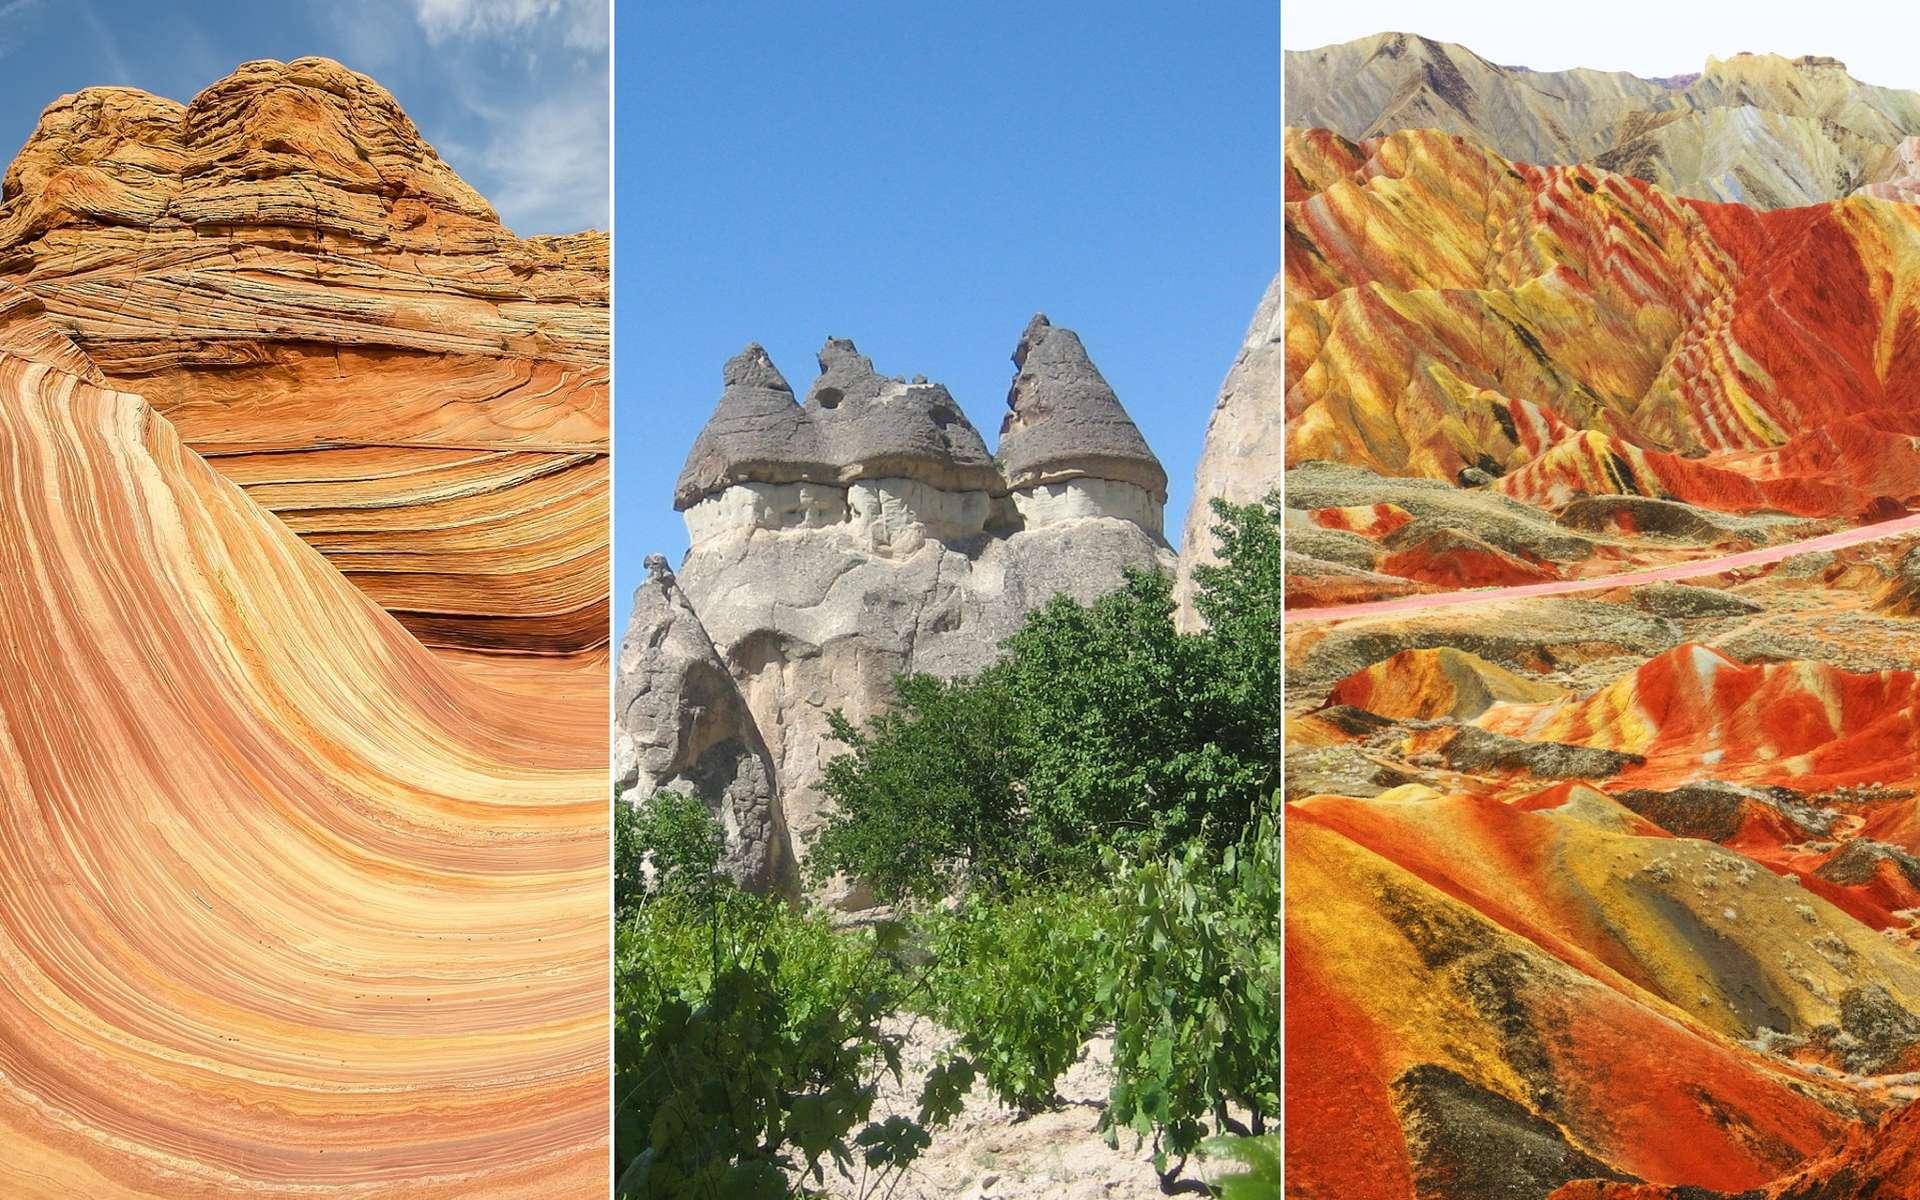 Ces rochers ont été sculptés par le temps. © Michael Wilson, Flickr ; Sam Michel, Flickr ; PhotoElite, Fotolia